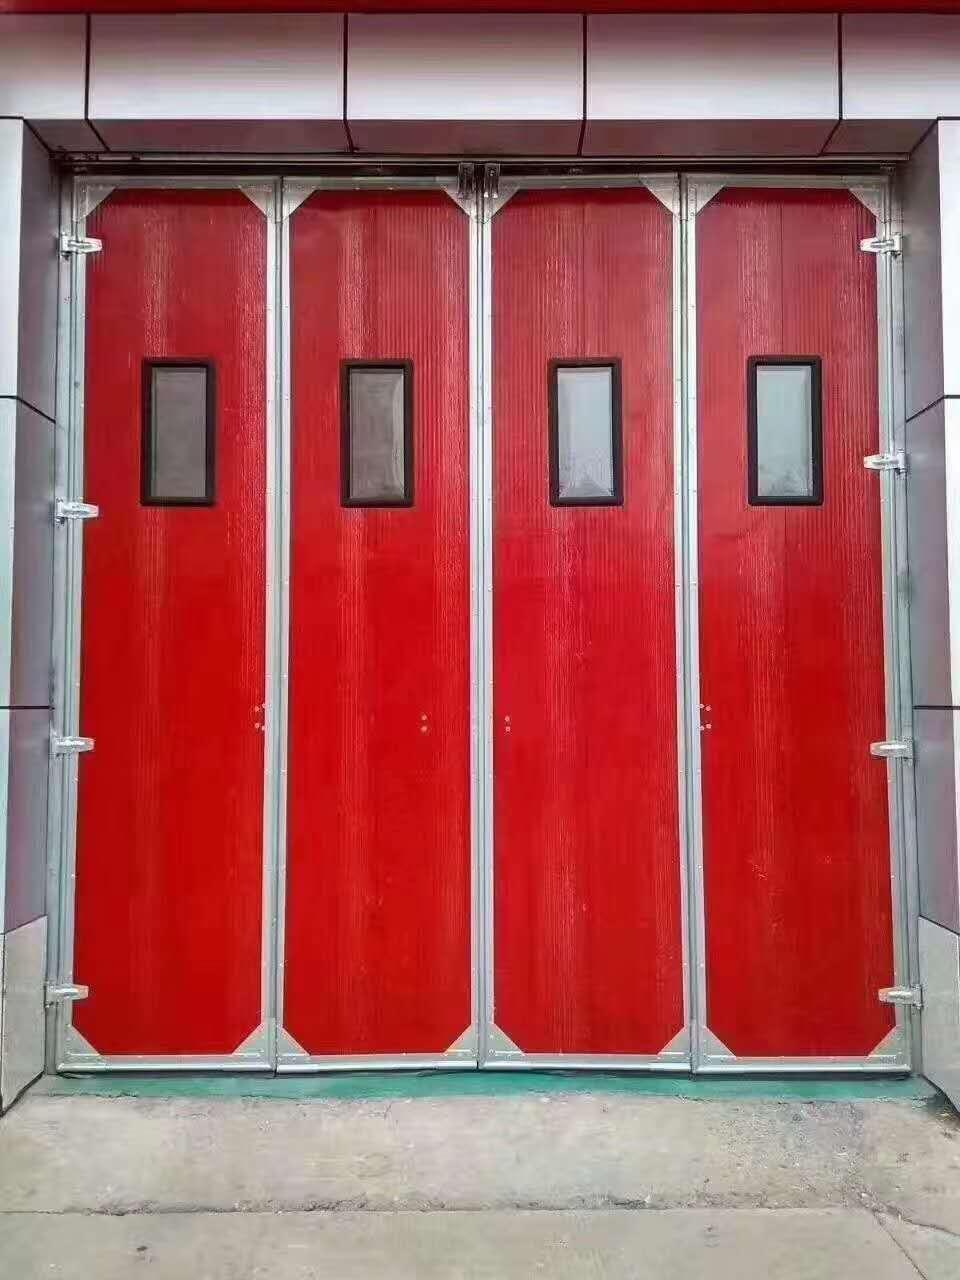 甘肃平凉折叠大门 电动折叠门 折叠大门 厂家 厂房折叠大门